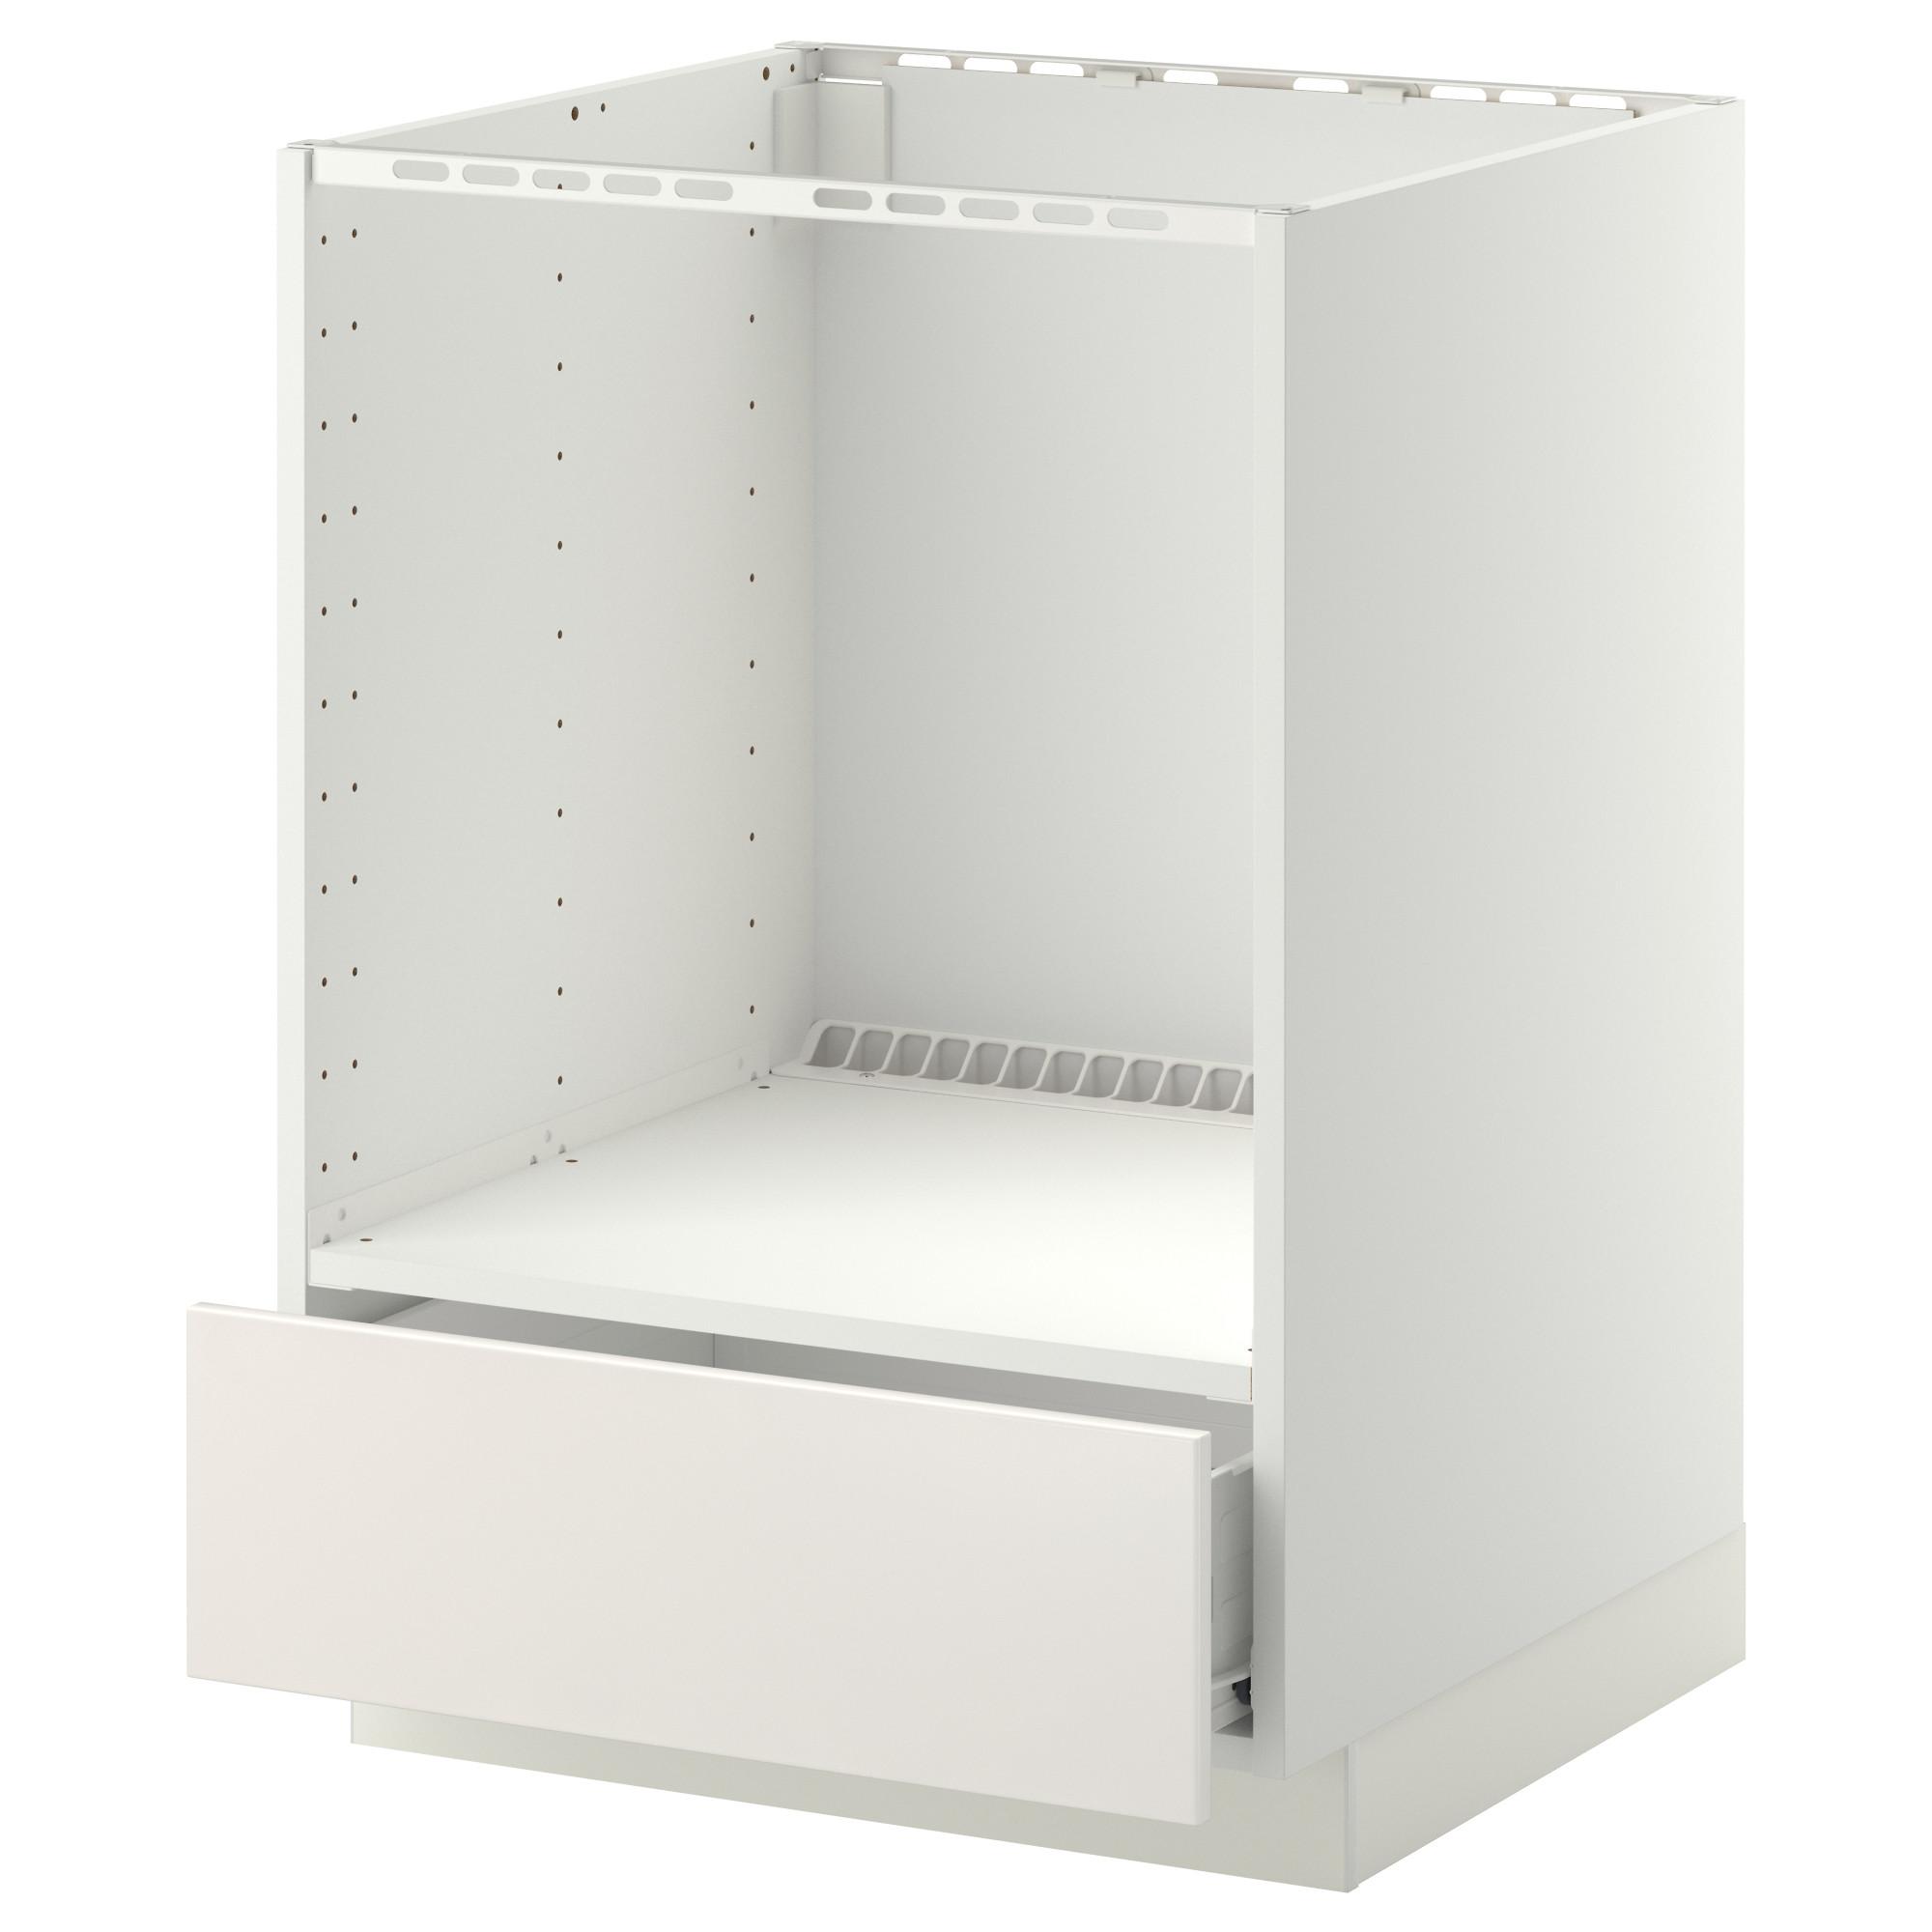 Напольный шкаф для духовки, с ящиком МЕТОД / ФОРВАРА белый артикуль № 692.240.07 в наличии. Интернет магазин IKEA РБ. Быстрая доставка и установка.